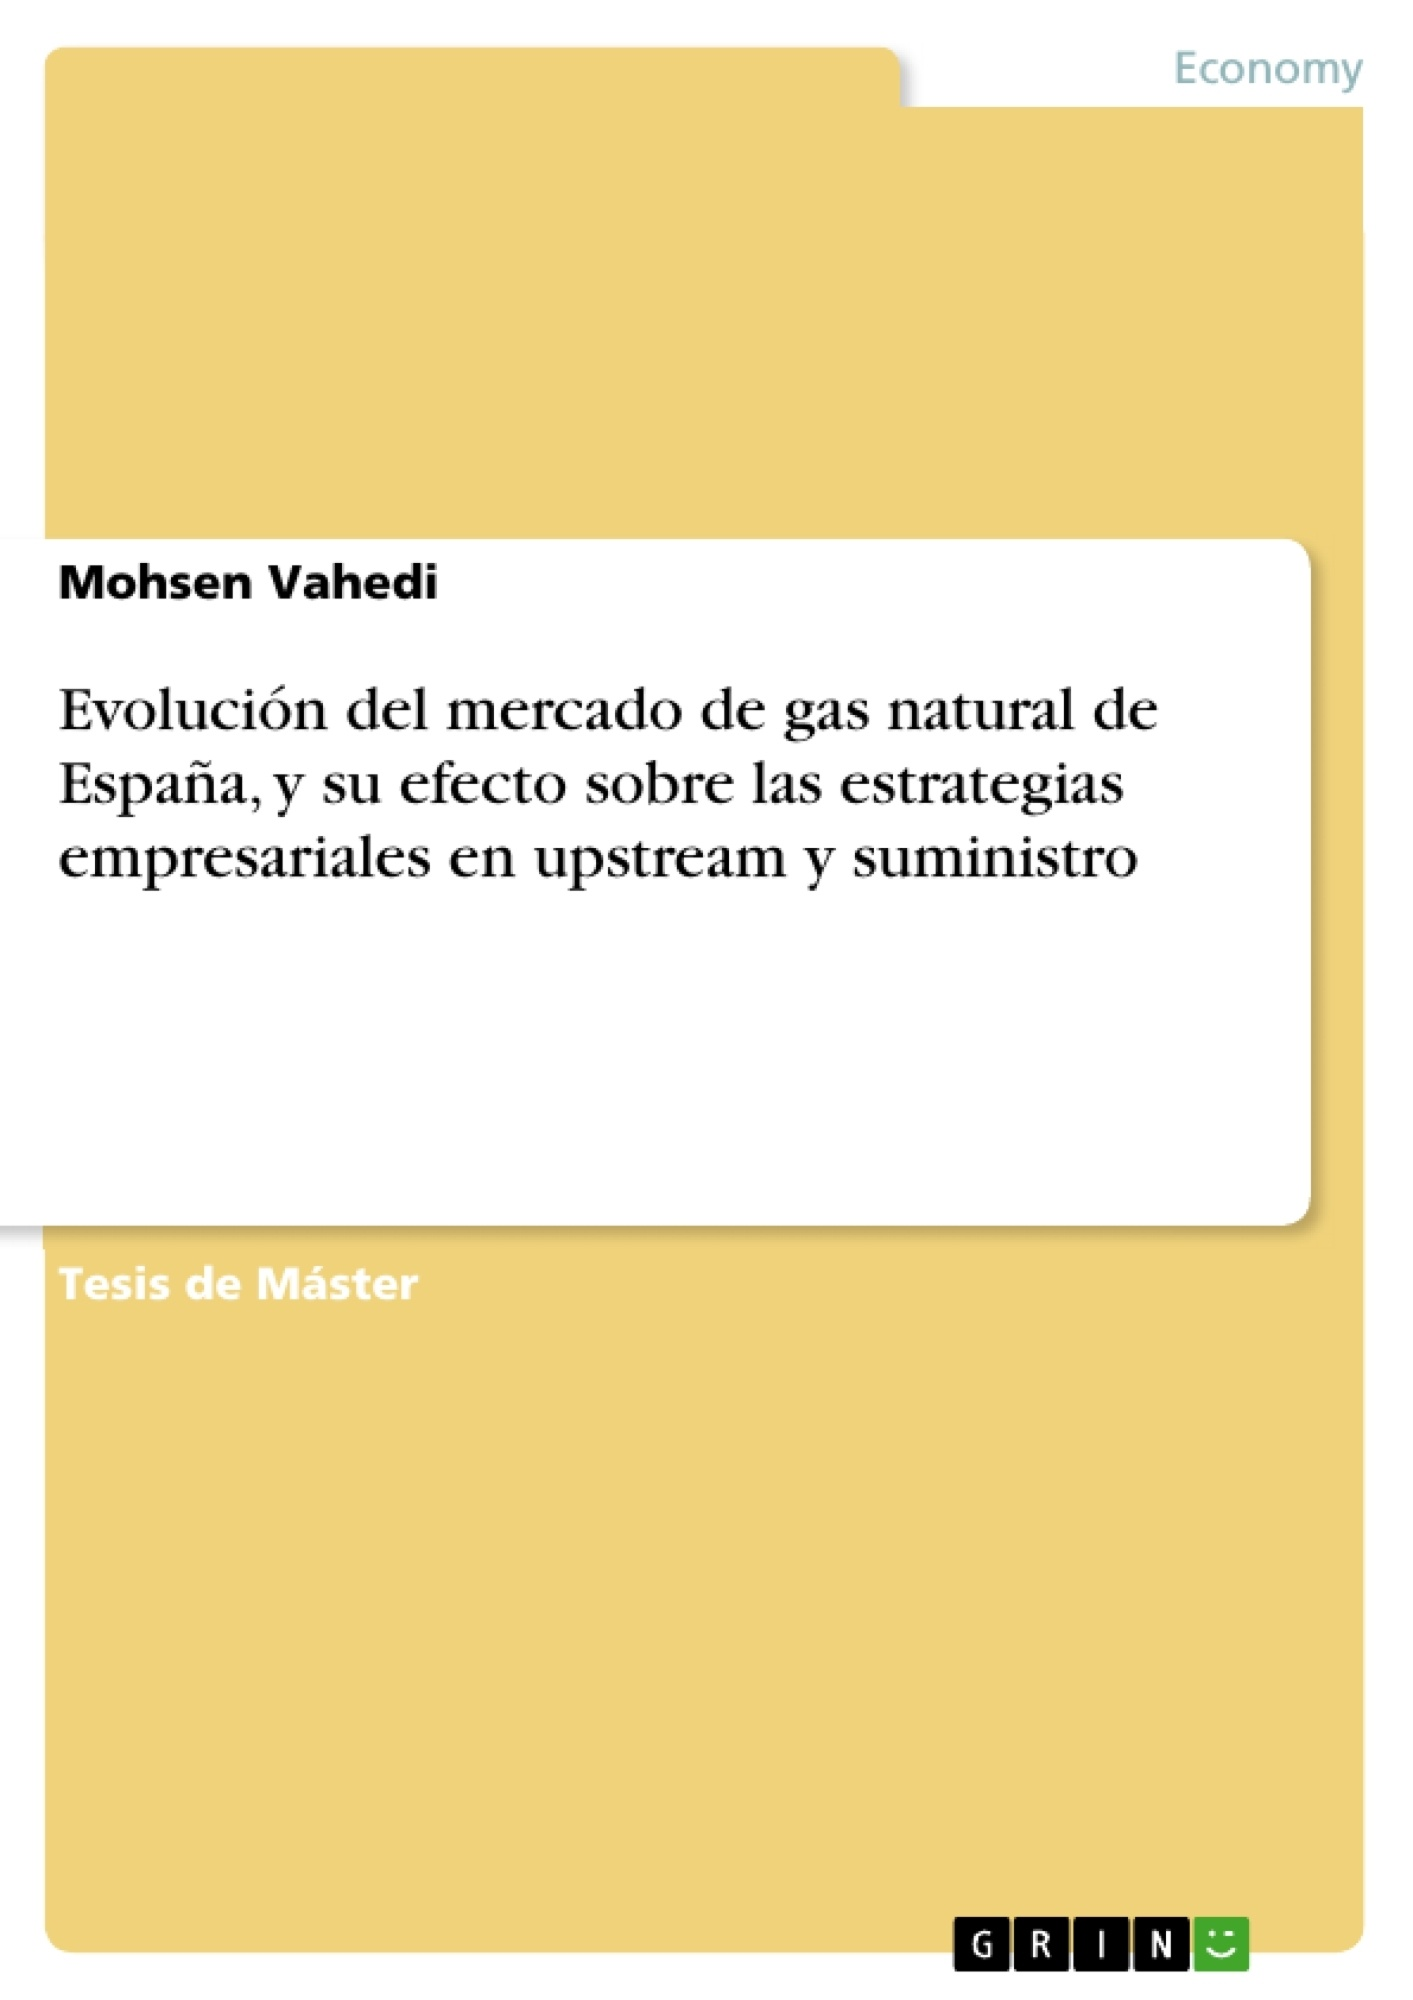 Título: Evolución del mercado de gas natural de España, y su efecto sobre las estrategias empresariales en upstream y suministro